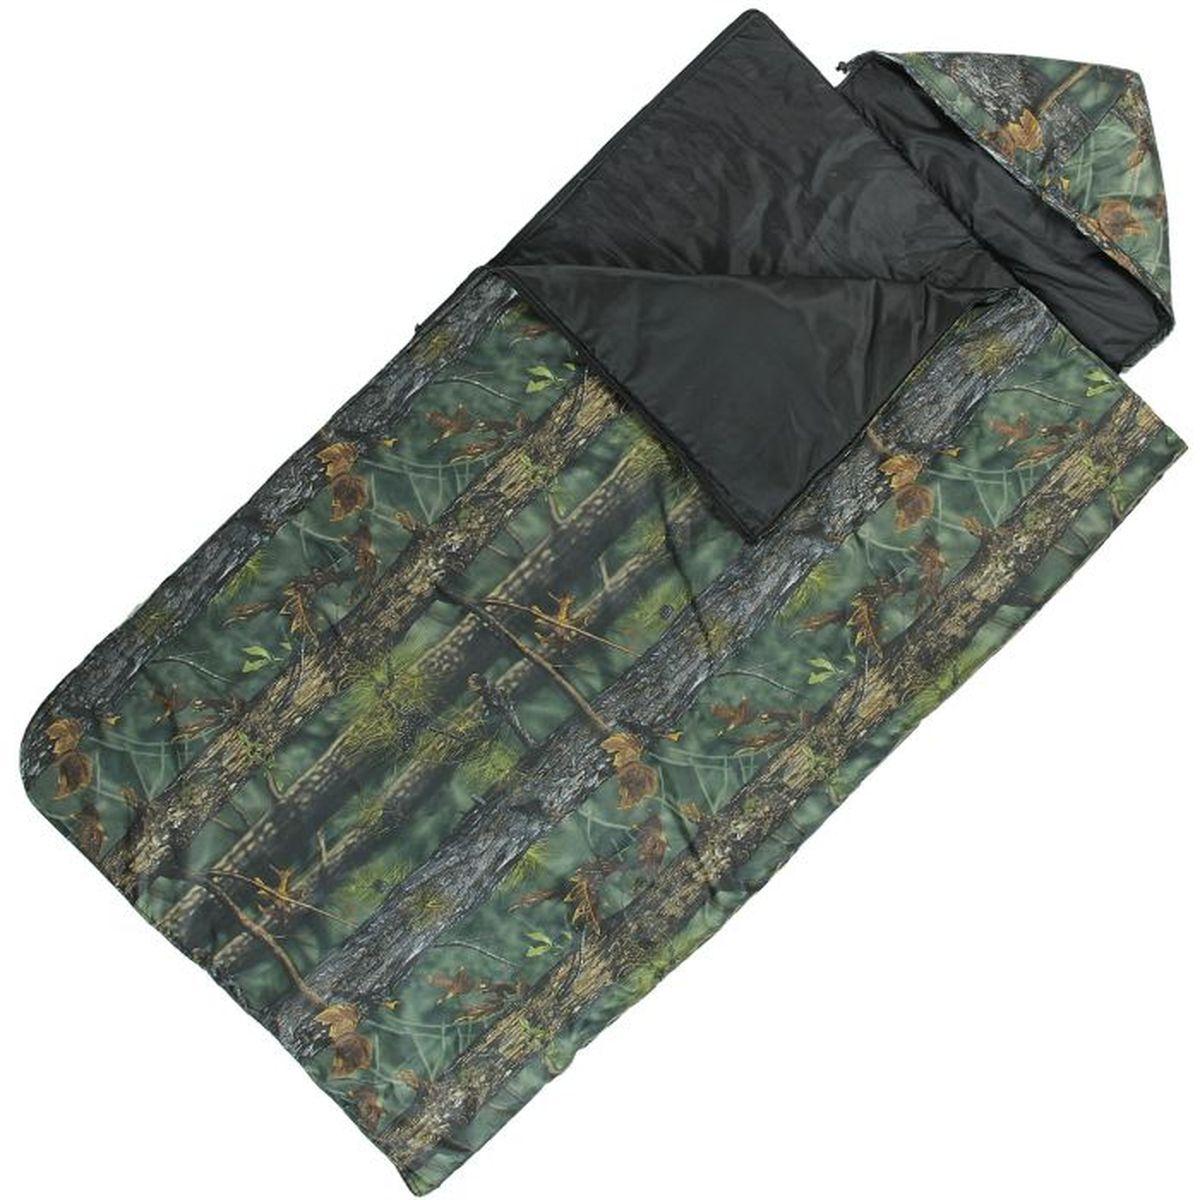 Спальный мешок Onlitop Богатырь, цвет: хаки, правосторонняя молнияс58836Комфортный, просторный и очень теплый 3-х сезонный спальник предназначен для походов и для отдыха на природе не только в летнее время, но и в прохладные дни весенне-осеннего периода. В теплое время спальный мешок можно использовать как одеяло (в том числе и дома).